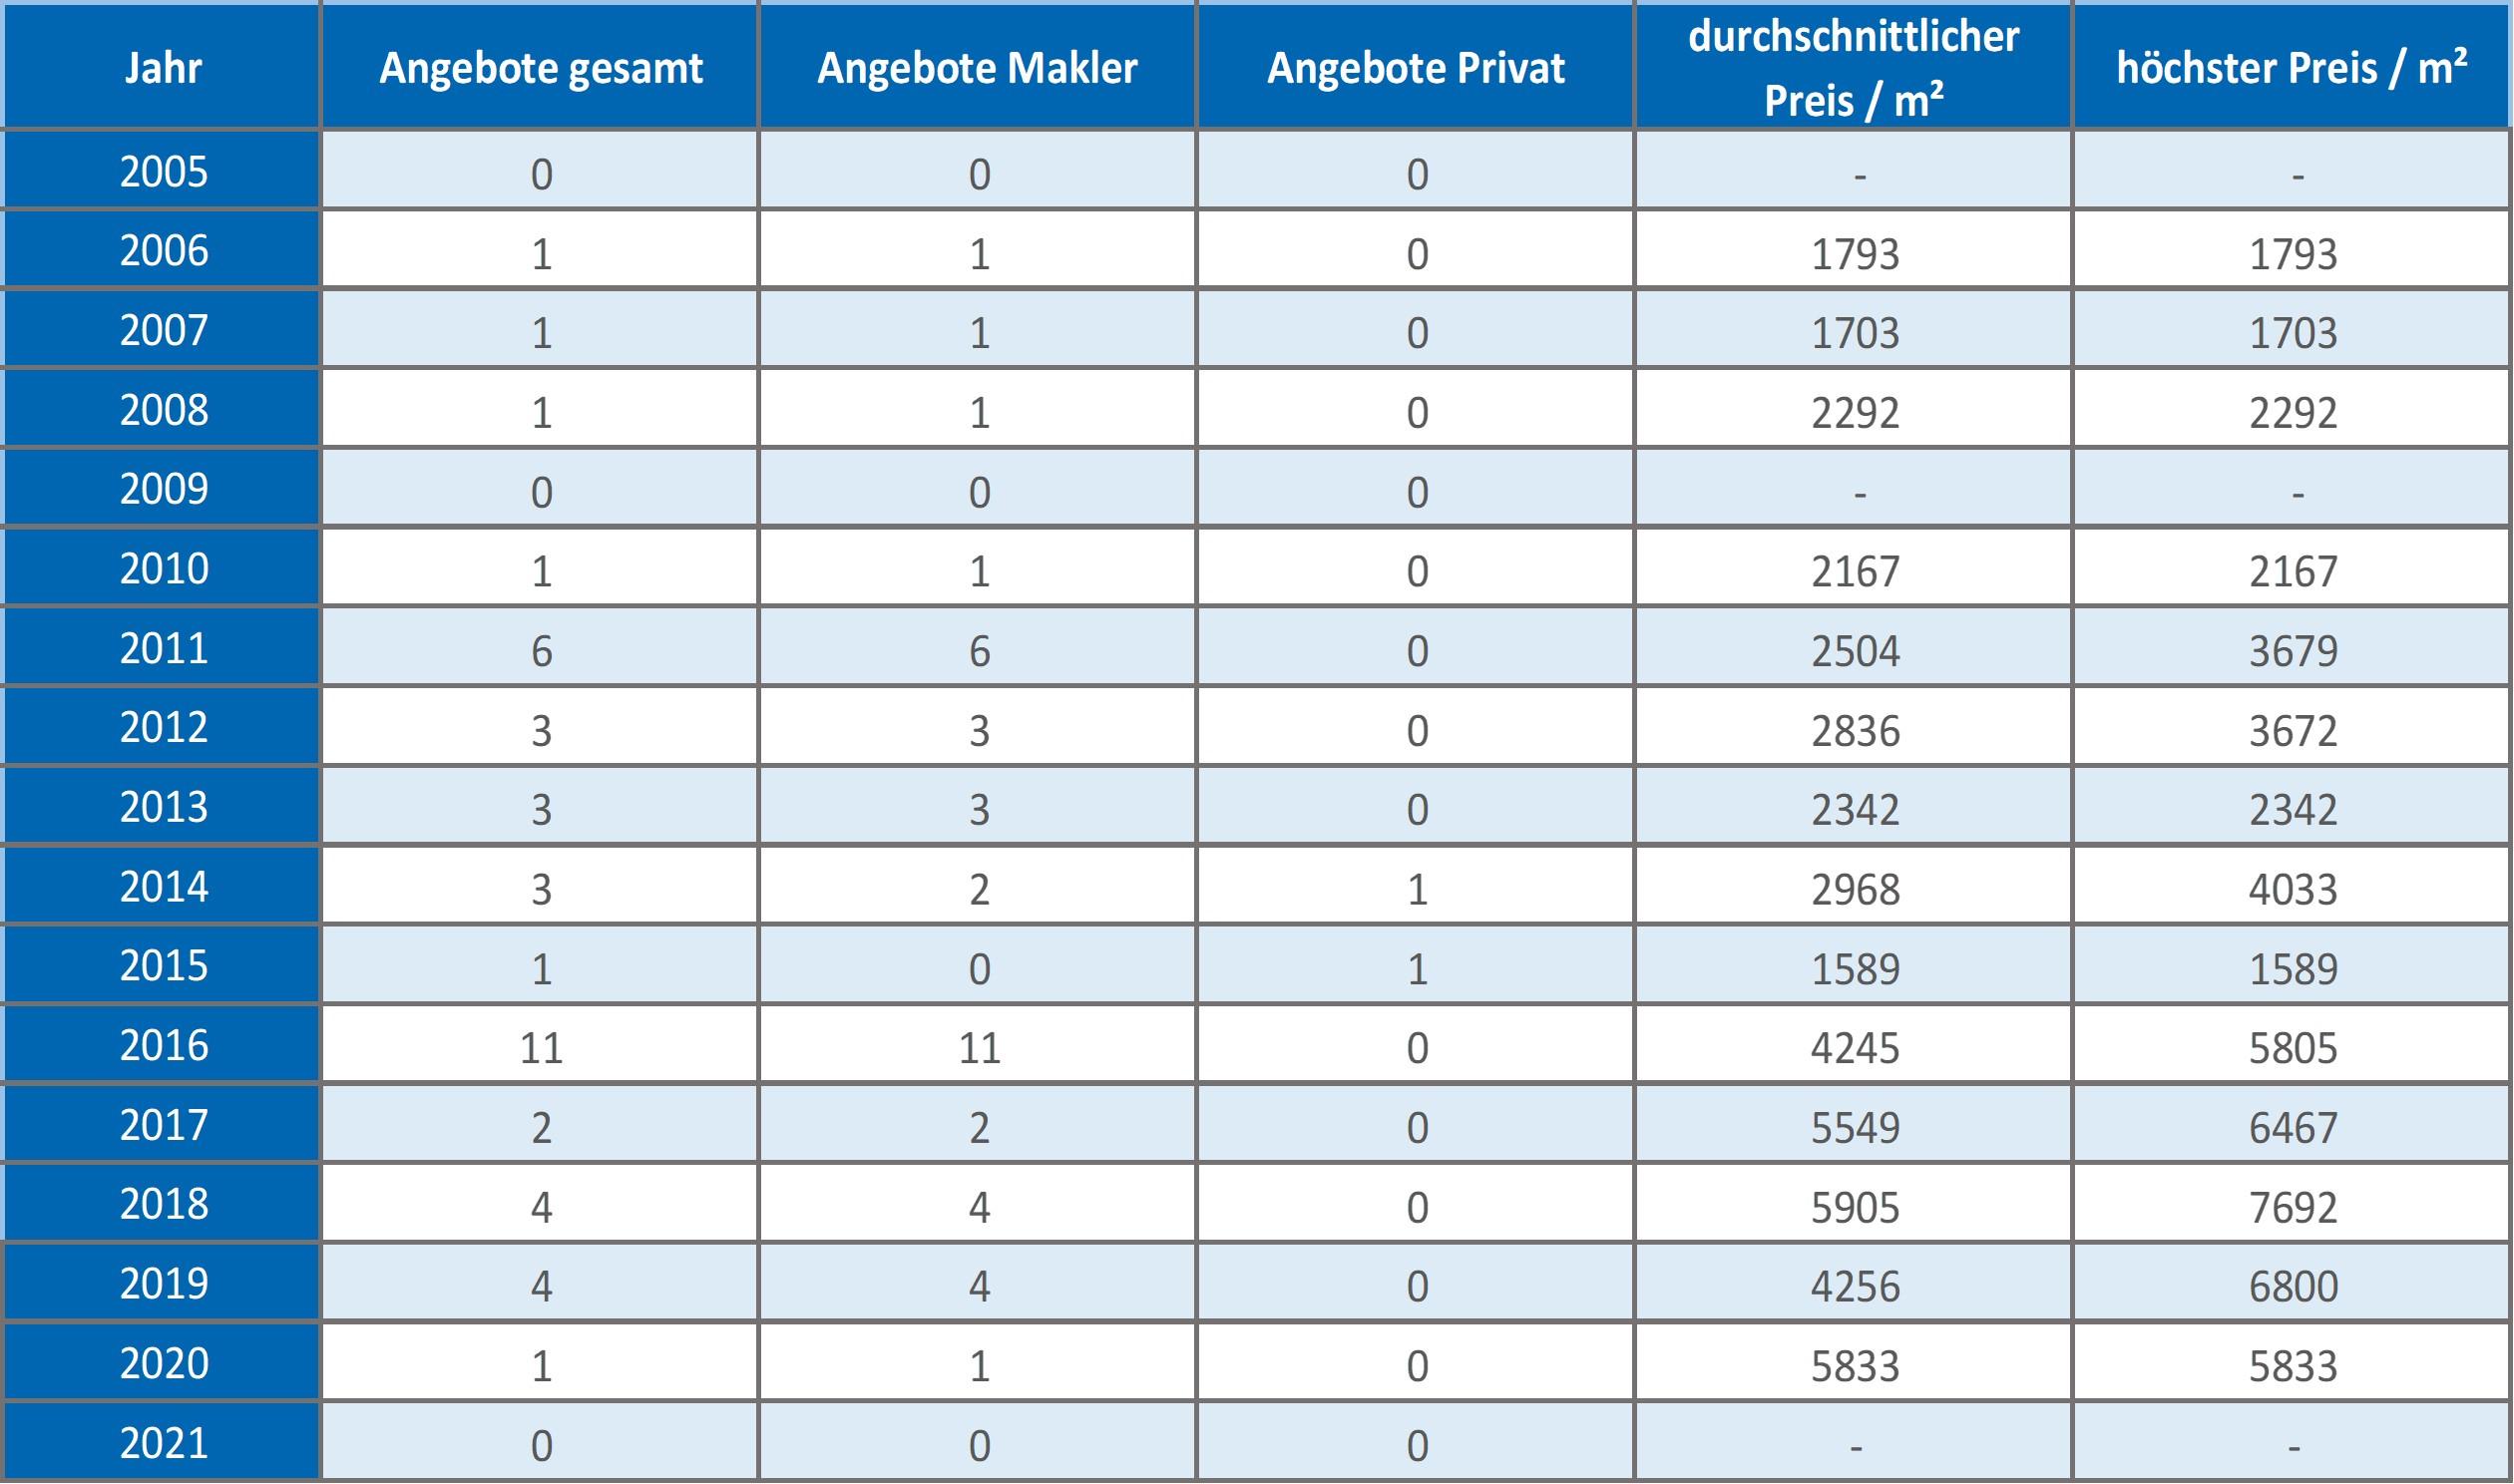 Pliening Landsham Mehrfamilienhaus kaufen verkaufen Preis Bewertung Makler  2019 2020 2021 www.happy-immo.de